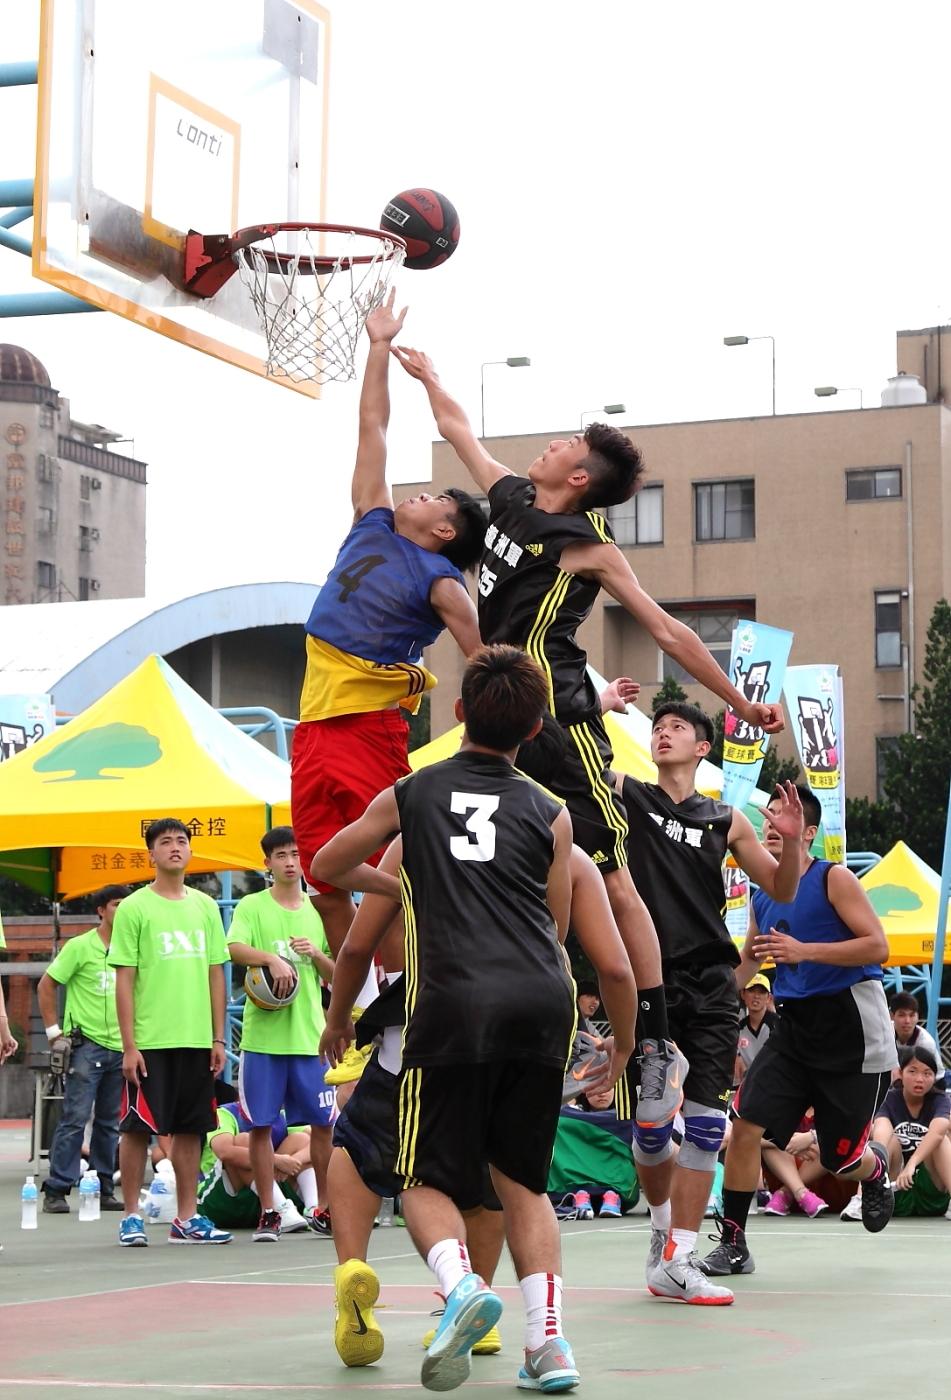 2014年國泰『高中3對3籃球』持續12年不斷提供青年學子跳躍奪目、發光發熱的運動平台,獲得社會大眾一致肯定與喝采!